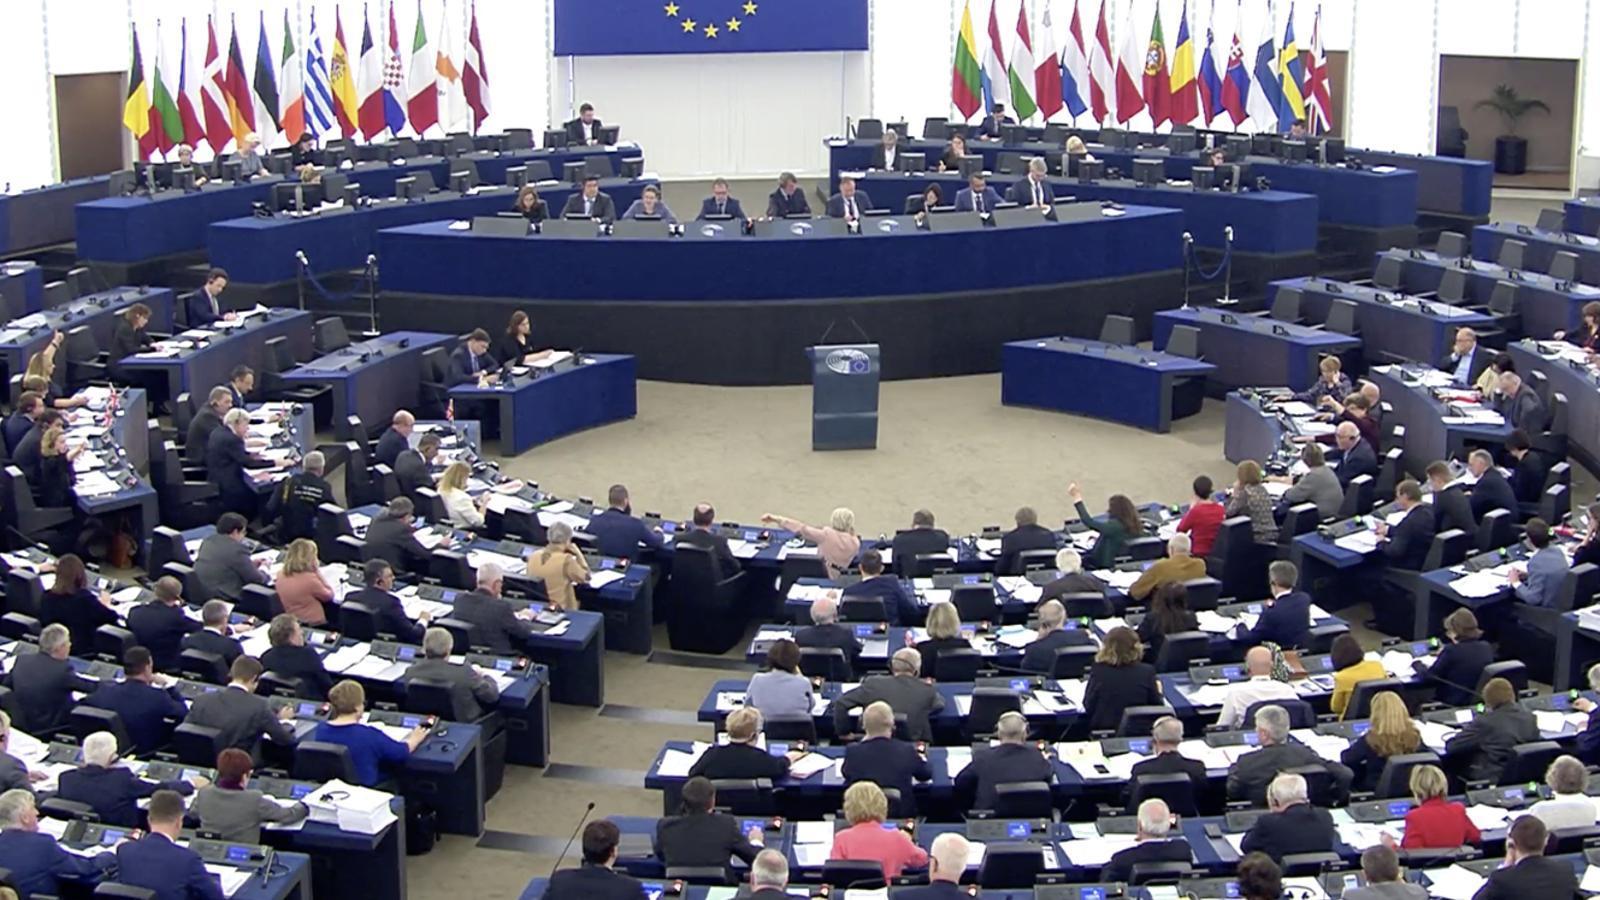 El Parlament Europeu durant la votació d'aquest dimecres. / Parlament Europeu